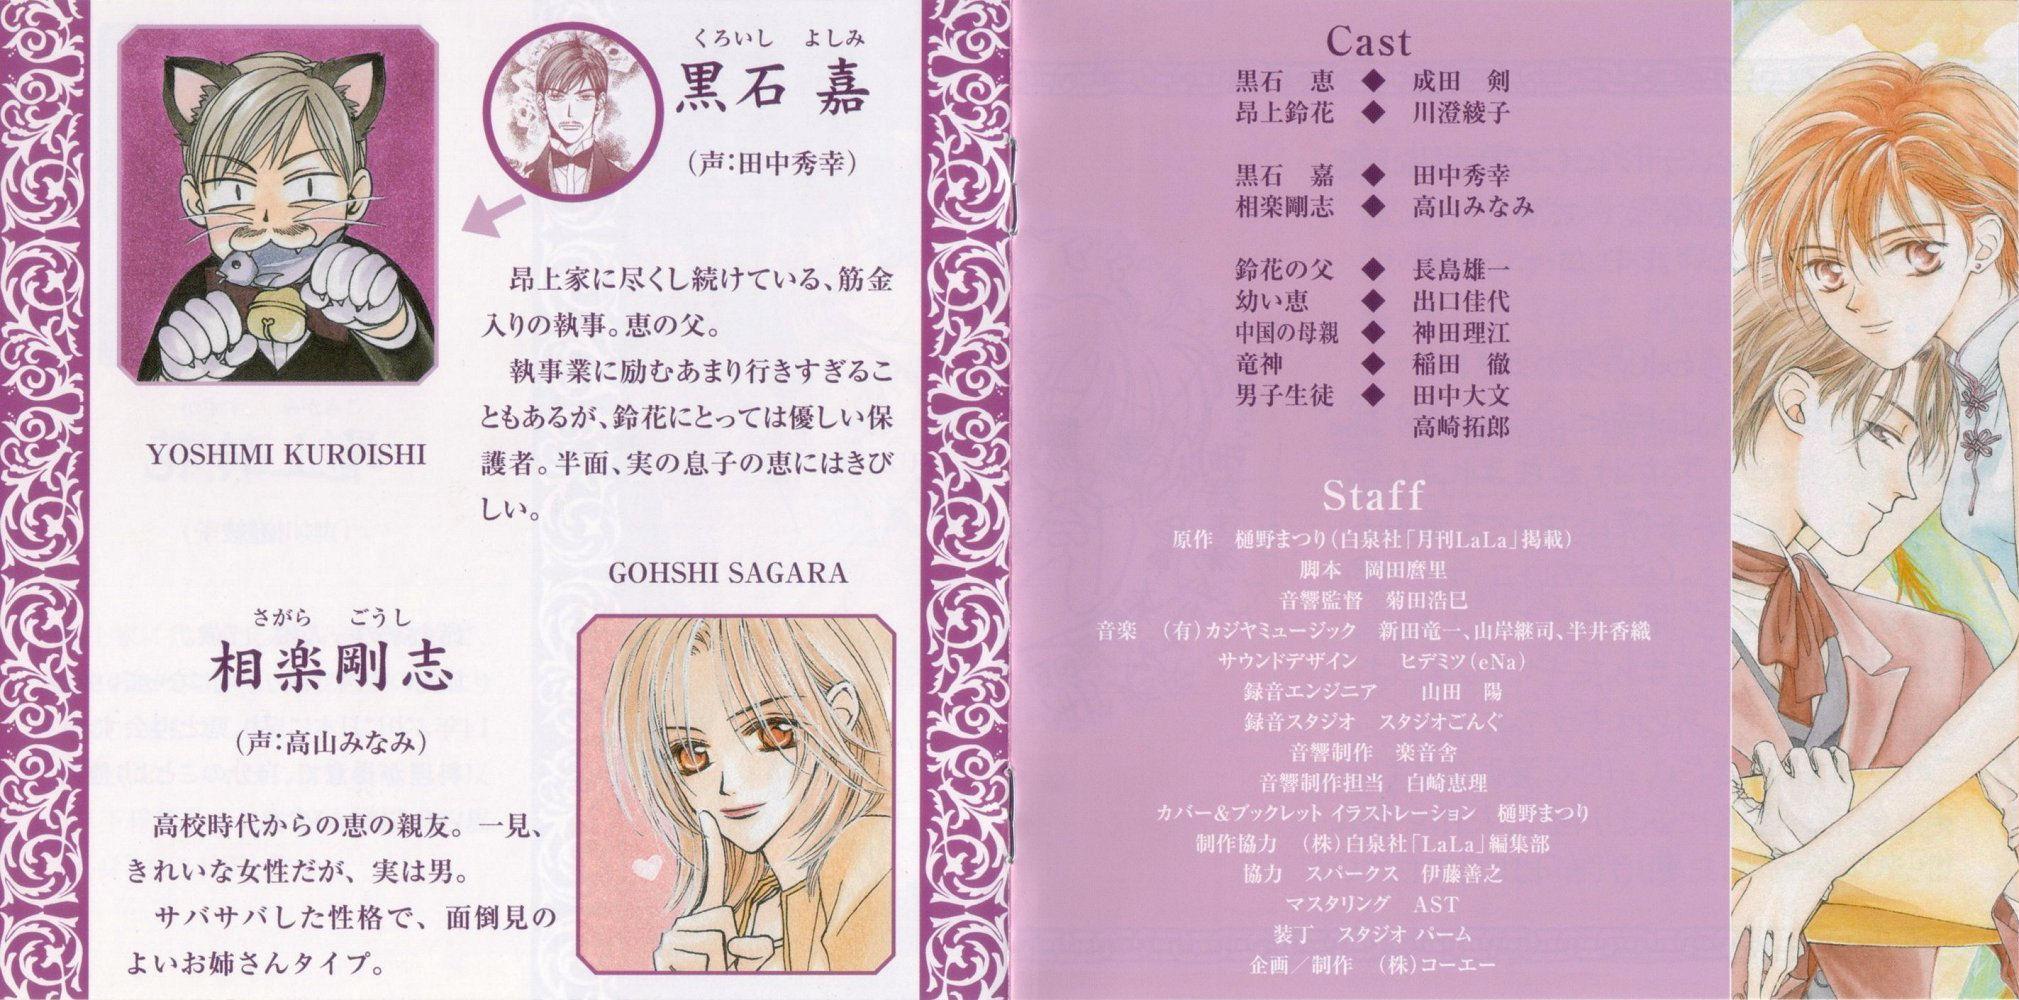 TORAWARE NO MINOUE *** Matsuri Hino*** Cd_torami_livret05